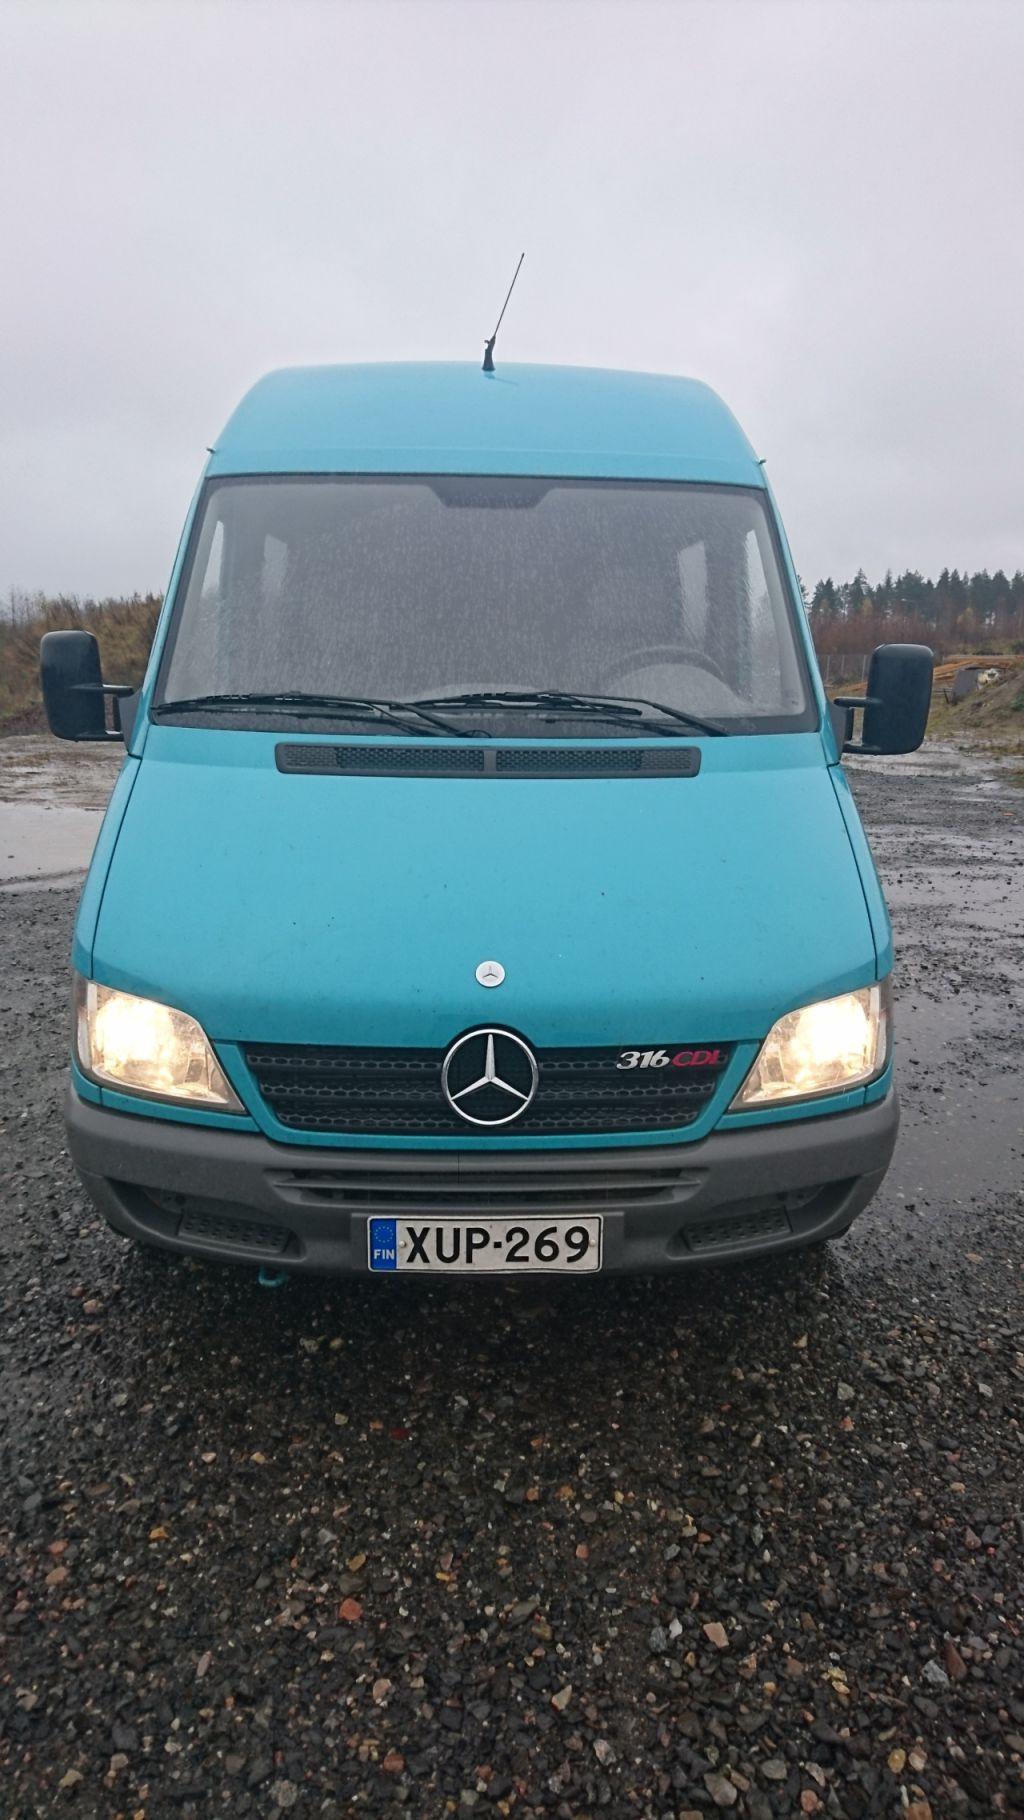 Mercedes benz sprinter 316 cdi for sale retrade offers for Mercedes benz sprinter for sale